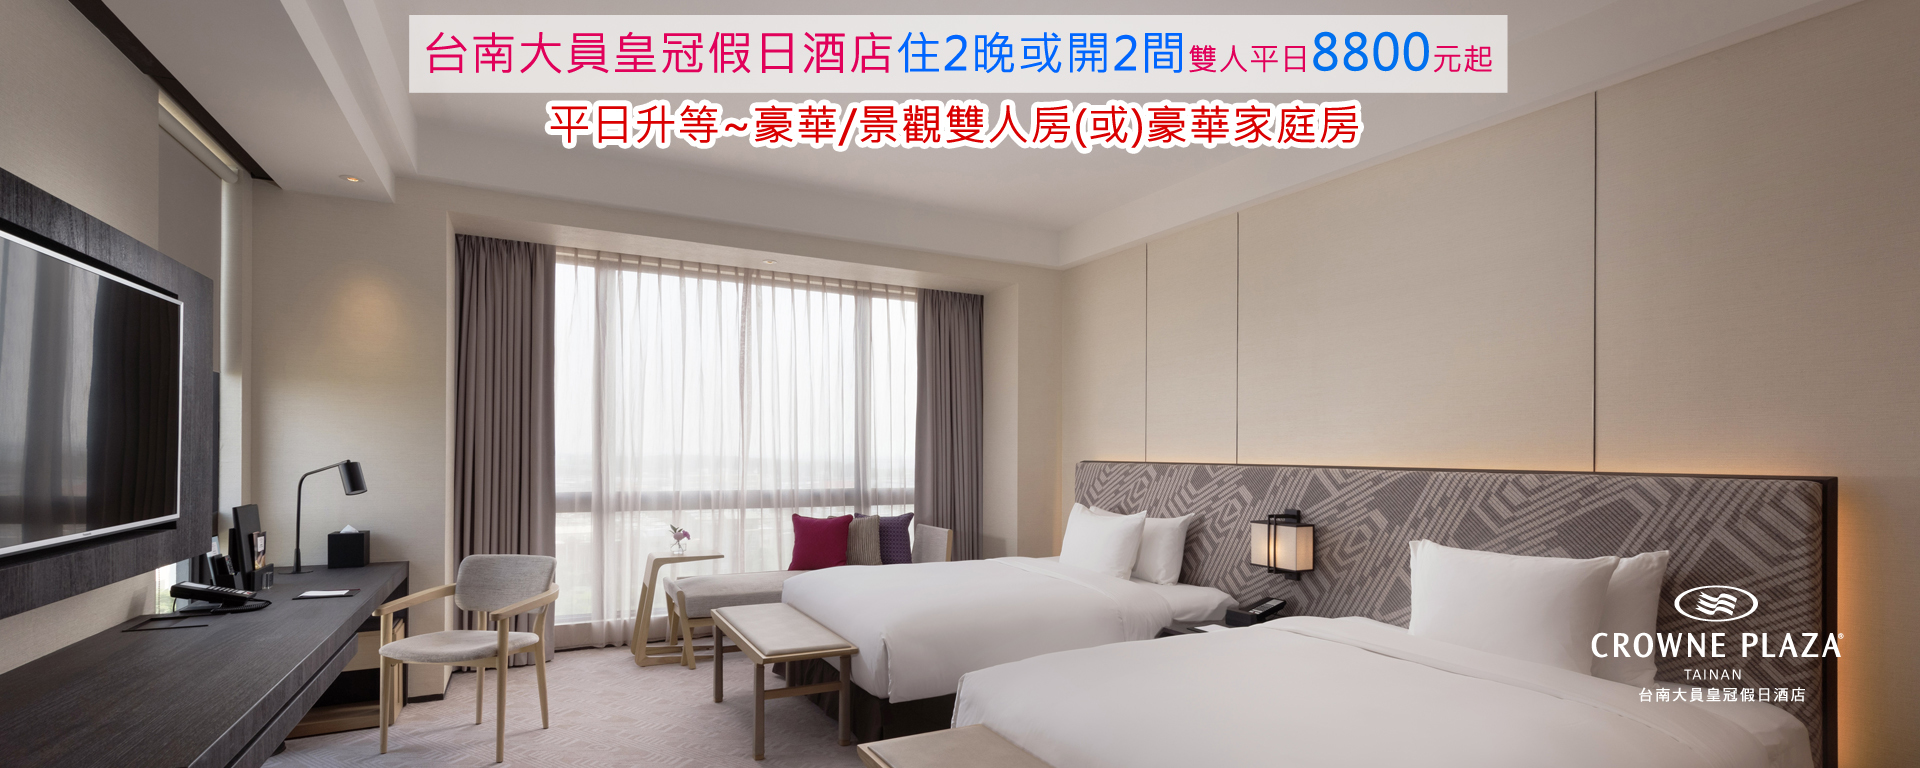 台南旅遊,大員皇冠假日酒店,平日升等房型,三天二夜,安平,小街,小吃,美食